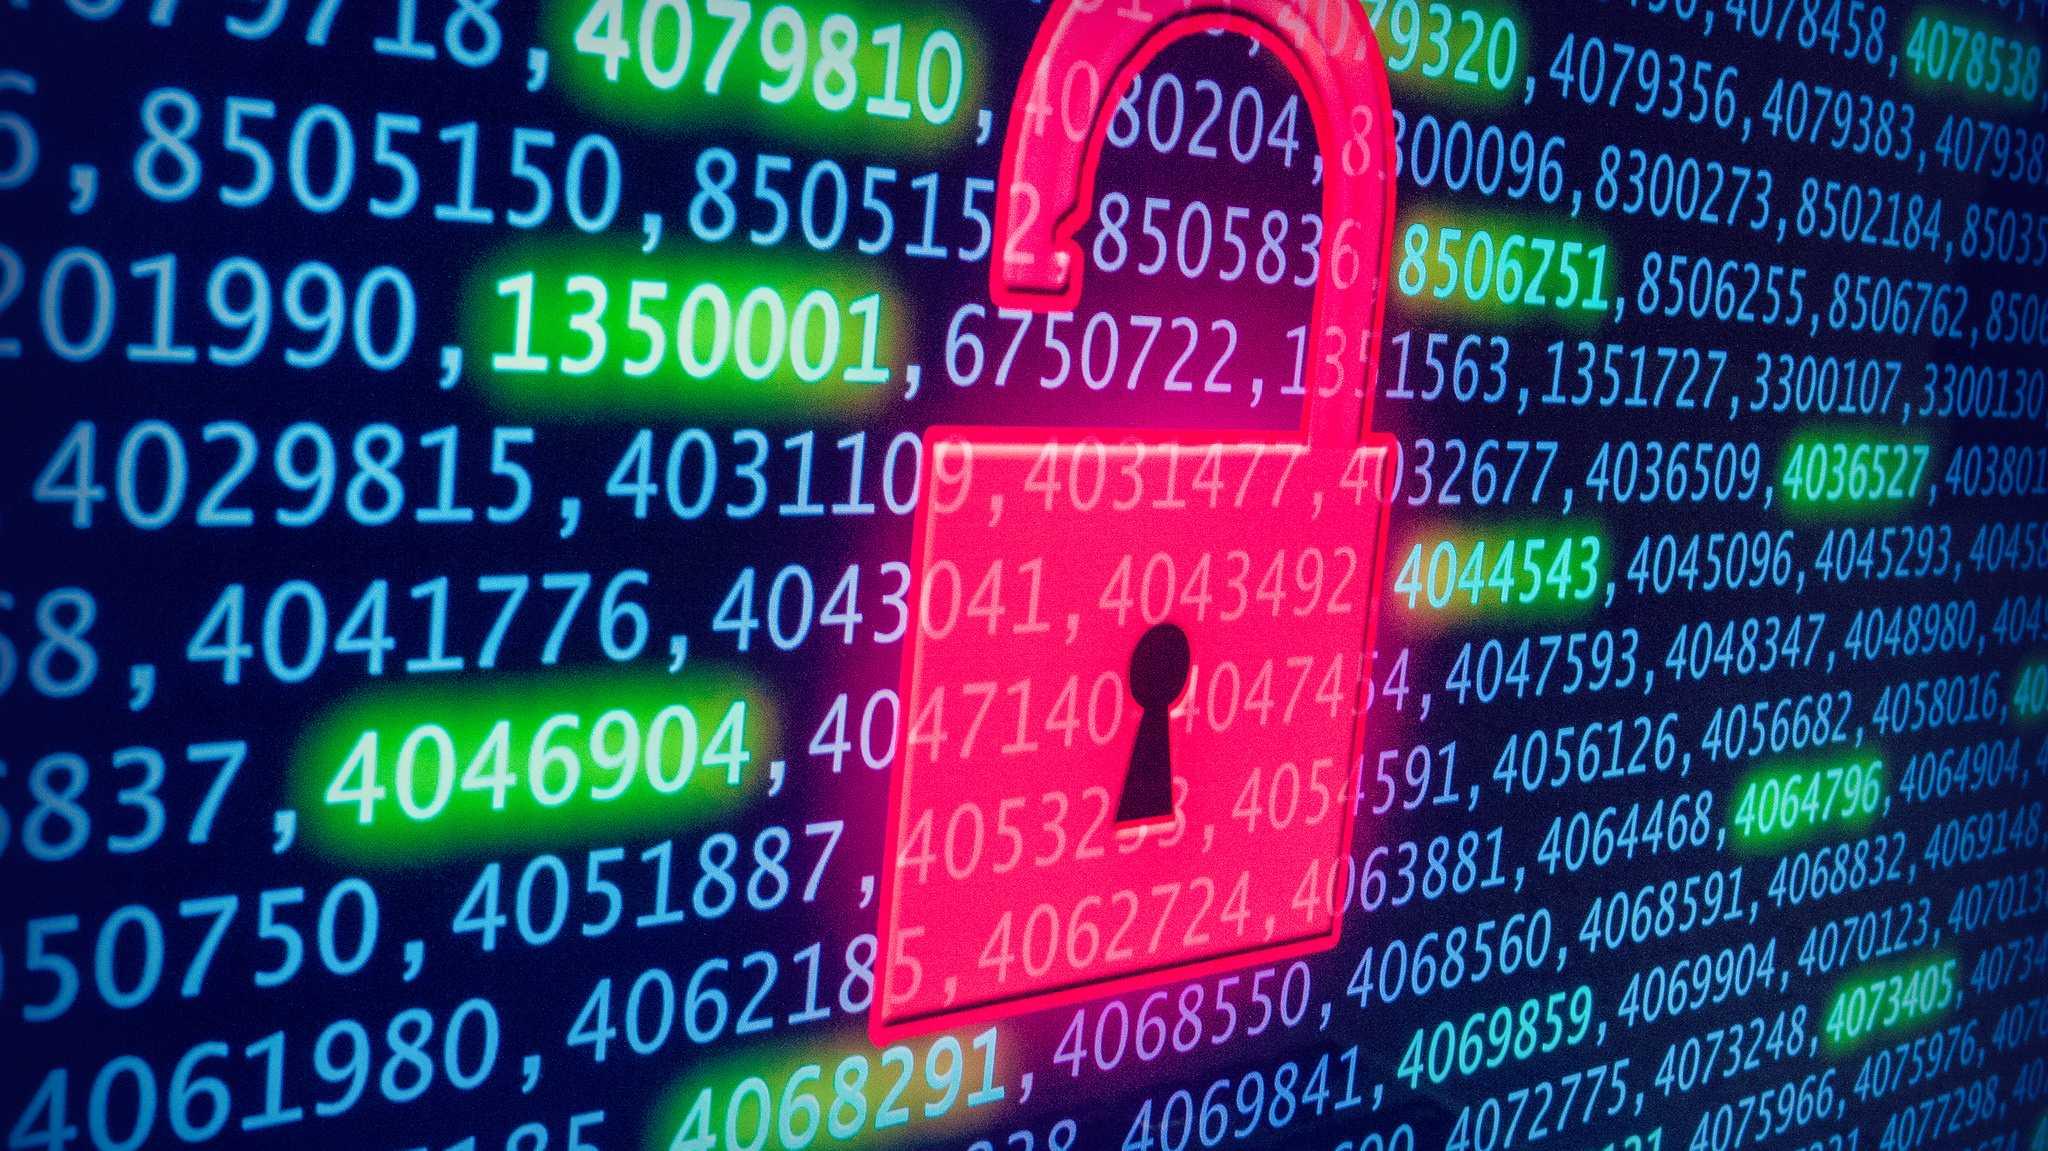 EU-Länder wollen Sicherheit digital vernetzter Geräte erhöhen